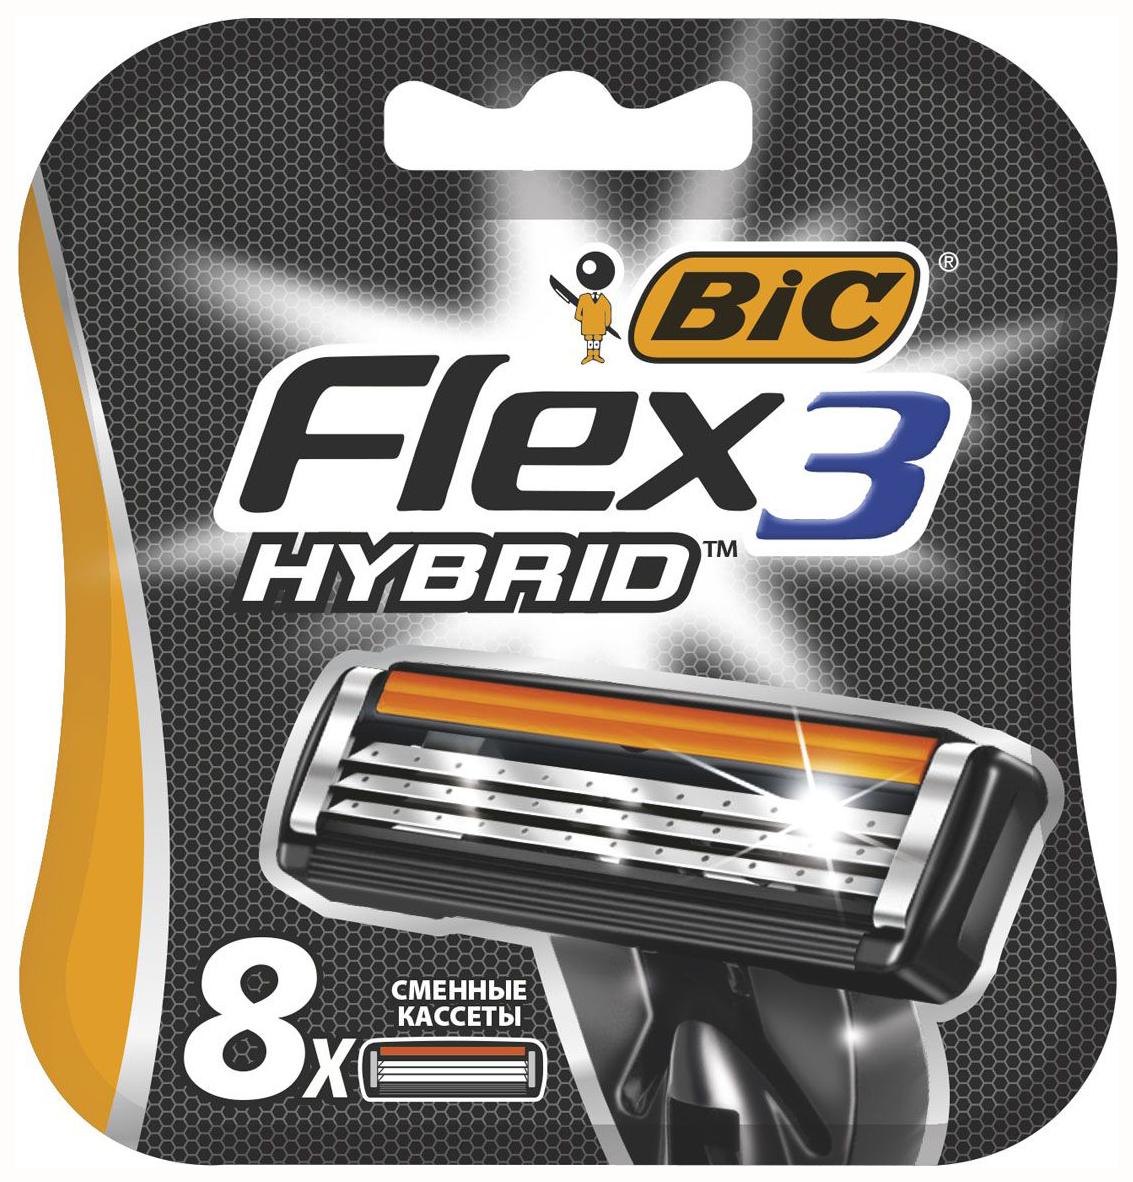 Сменное лезвие для станка Bic Flex 3 Hybrid